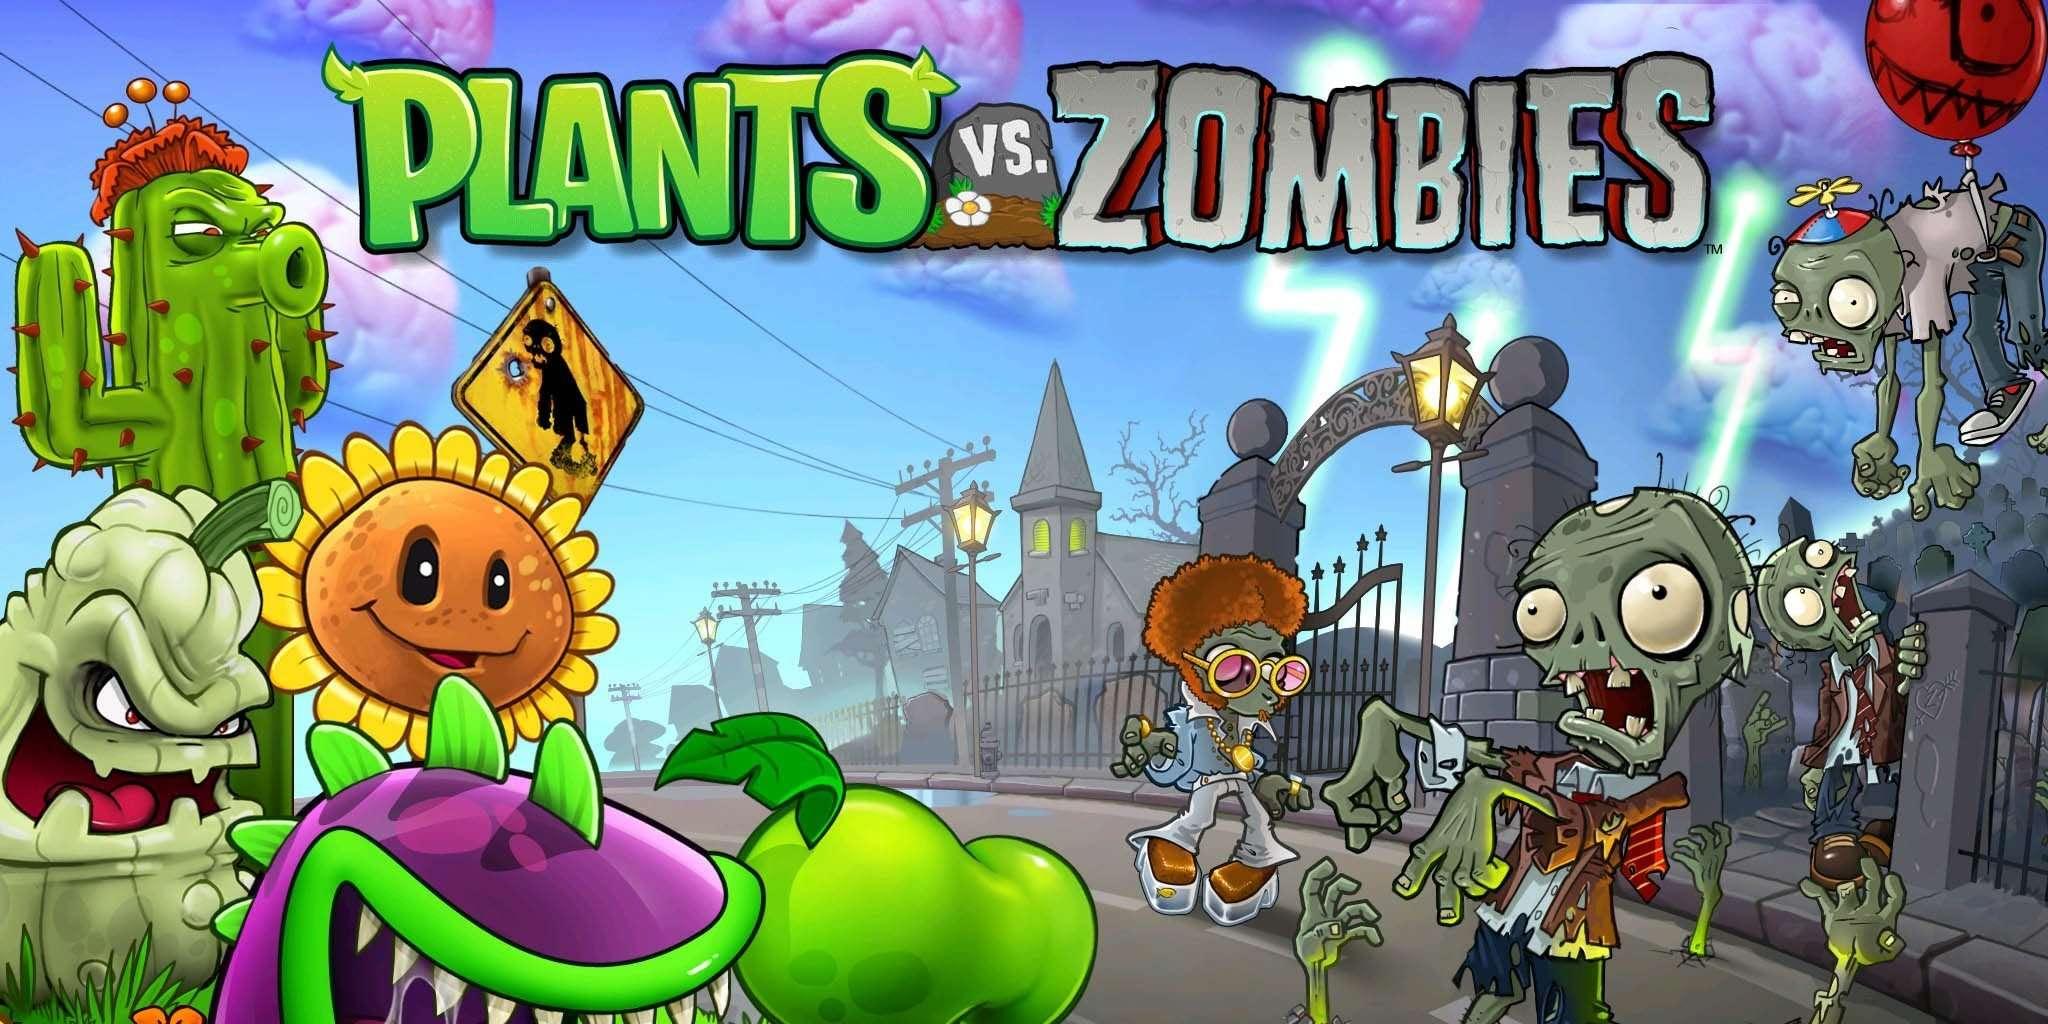 Создателя Plants vsZombies сократили  занежелание делать Pay2Win игру— Эдмунд МакМиллен